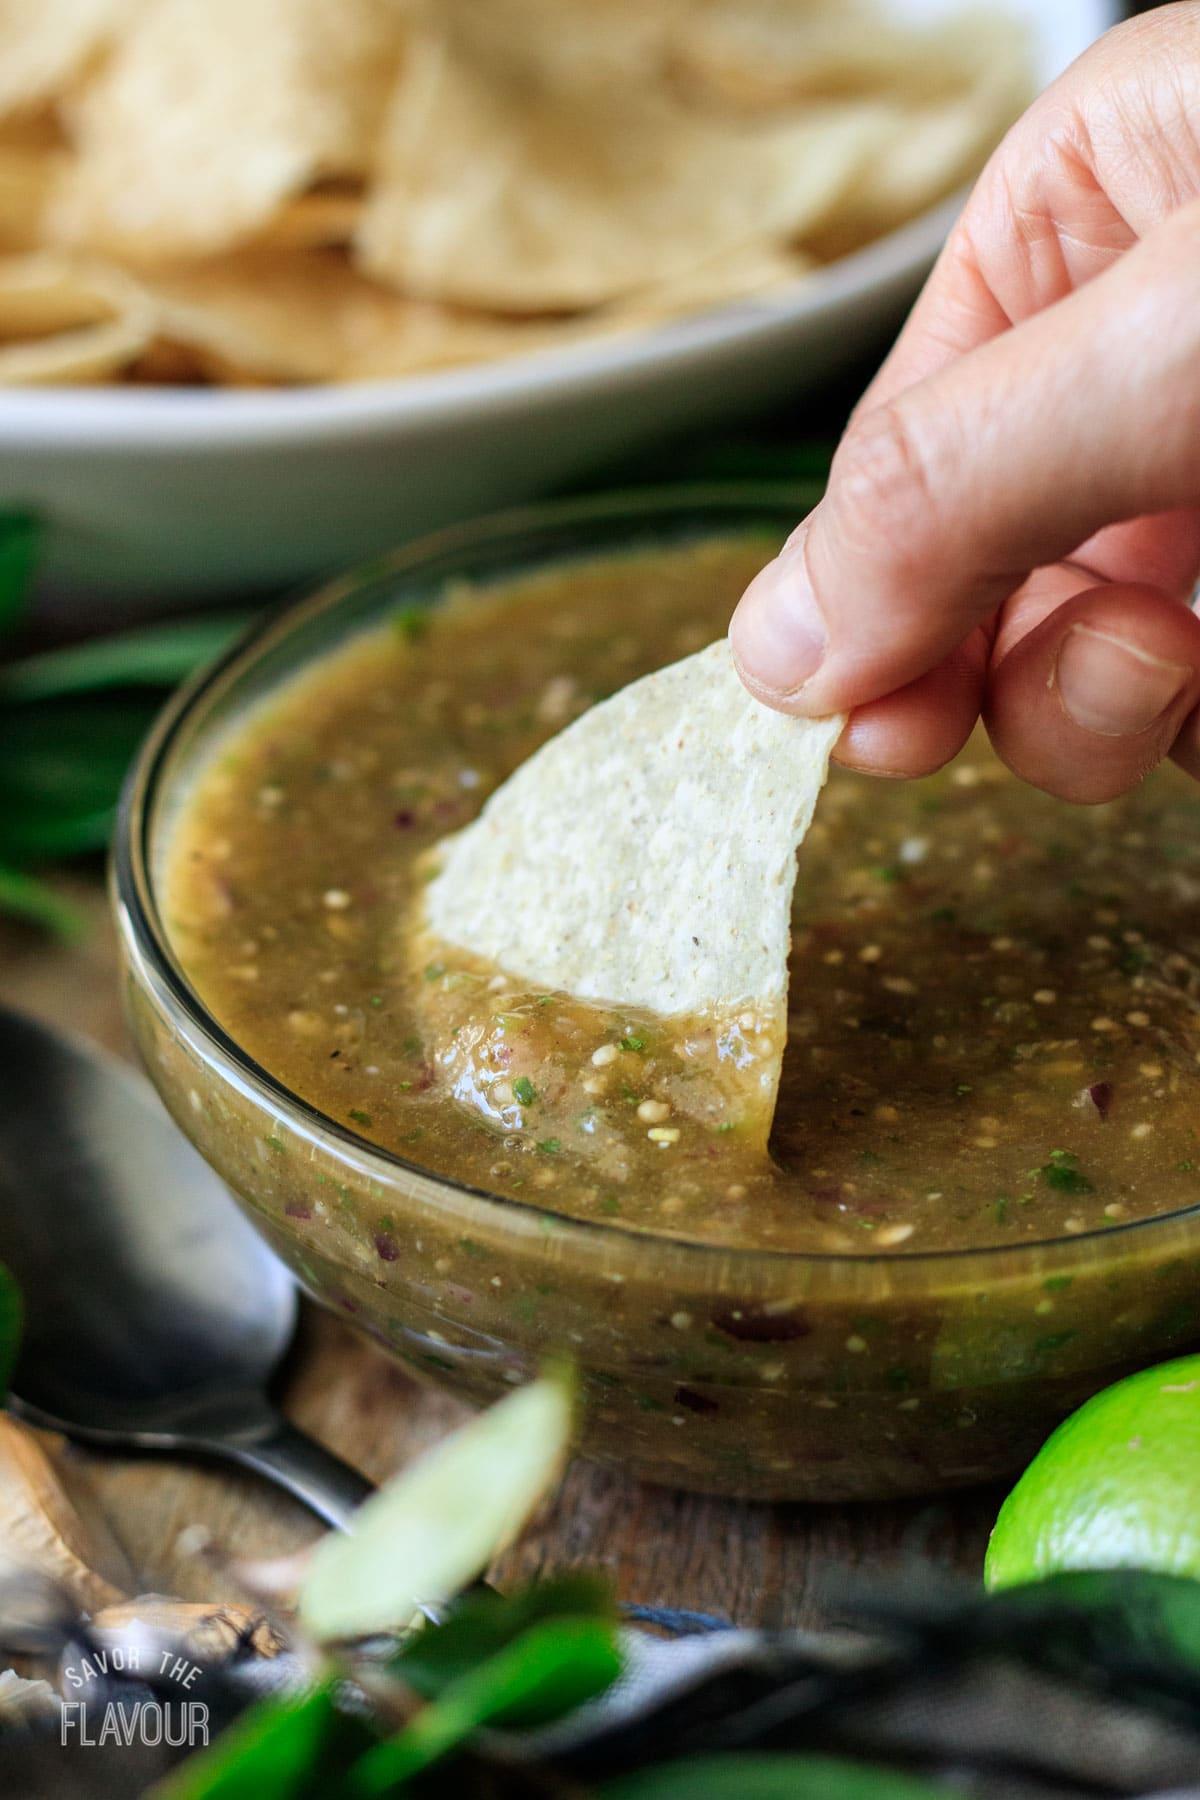 person dipping a tortilla chip into Chipotle tomatillo green salsa